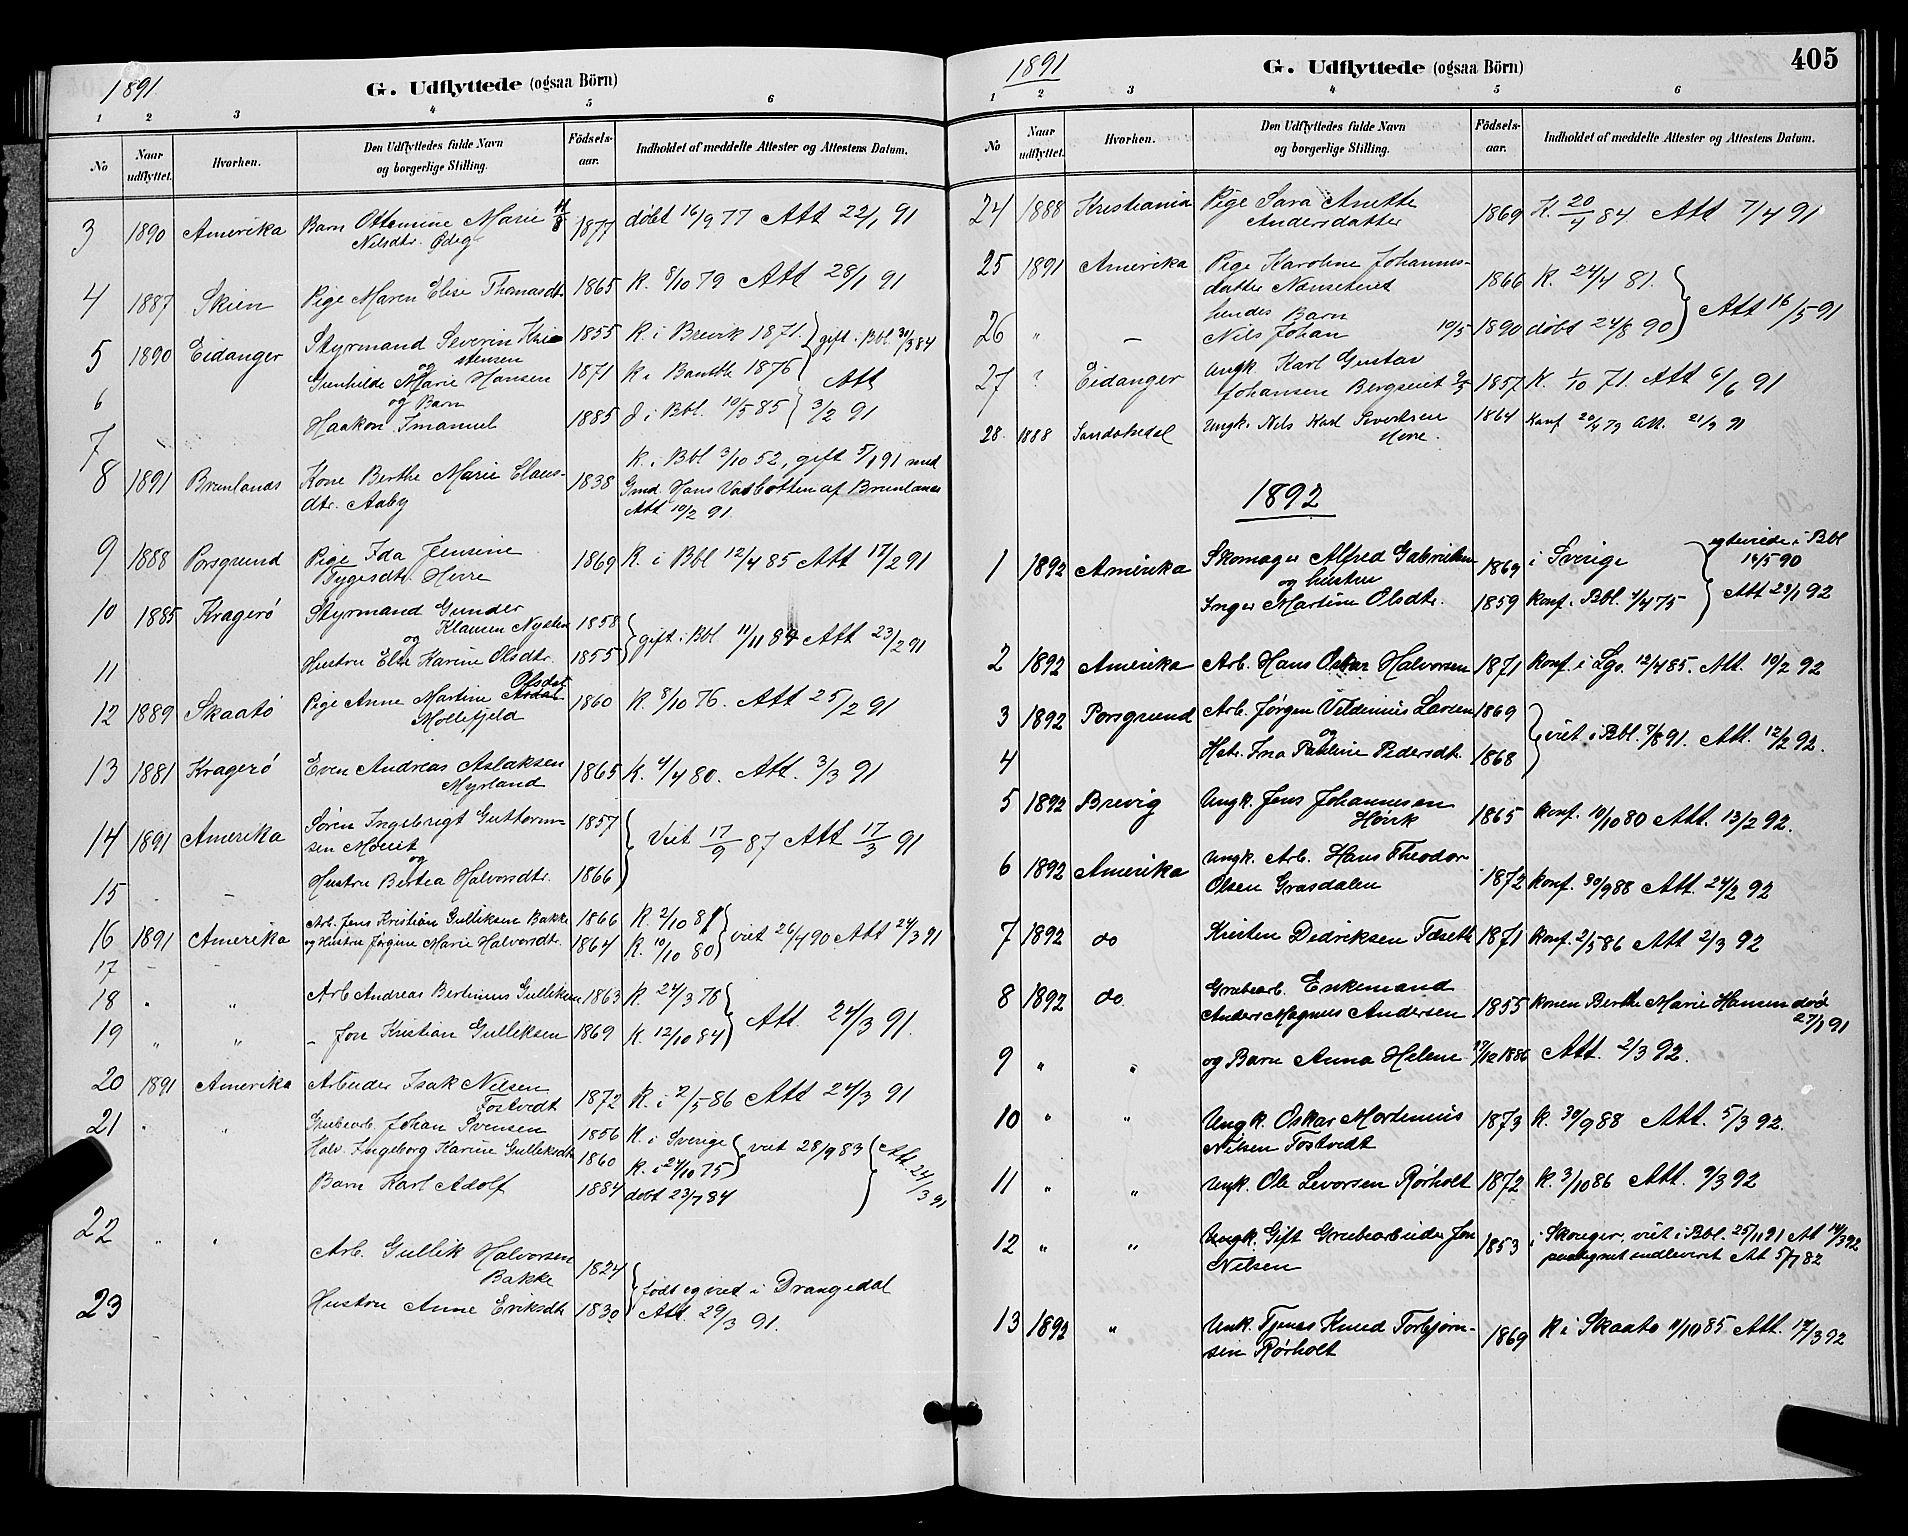 SAKO, Bamble kirkebøker, G/Ga/L0009: Klokkerbok nr. I 9, 1888-1900, s. 405